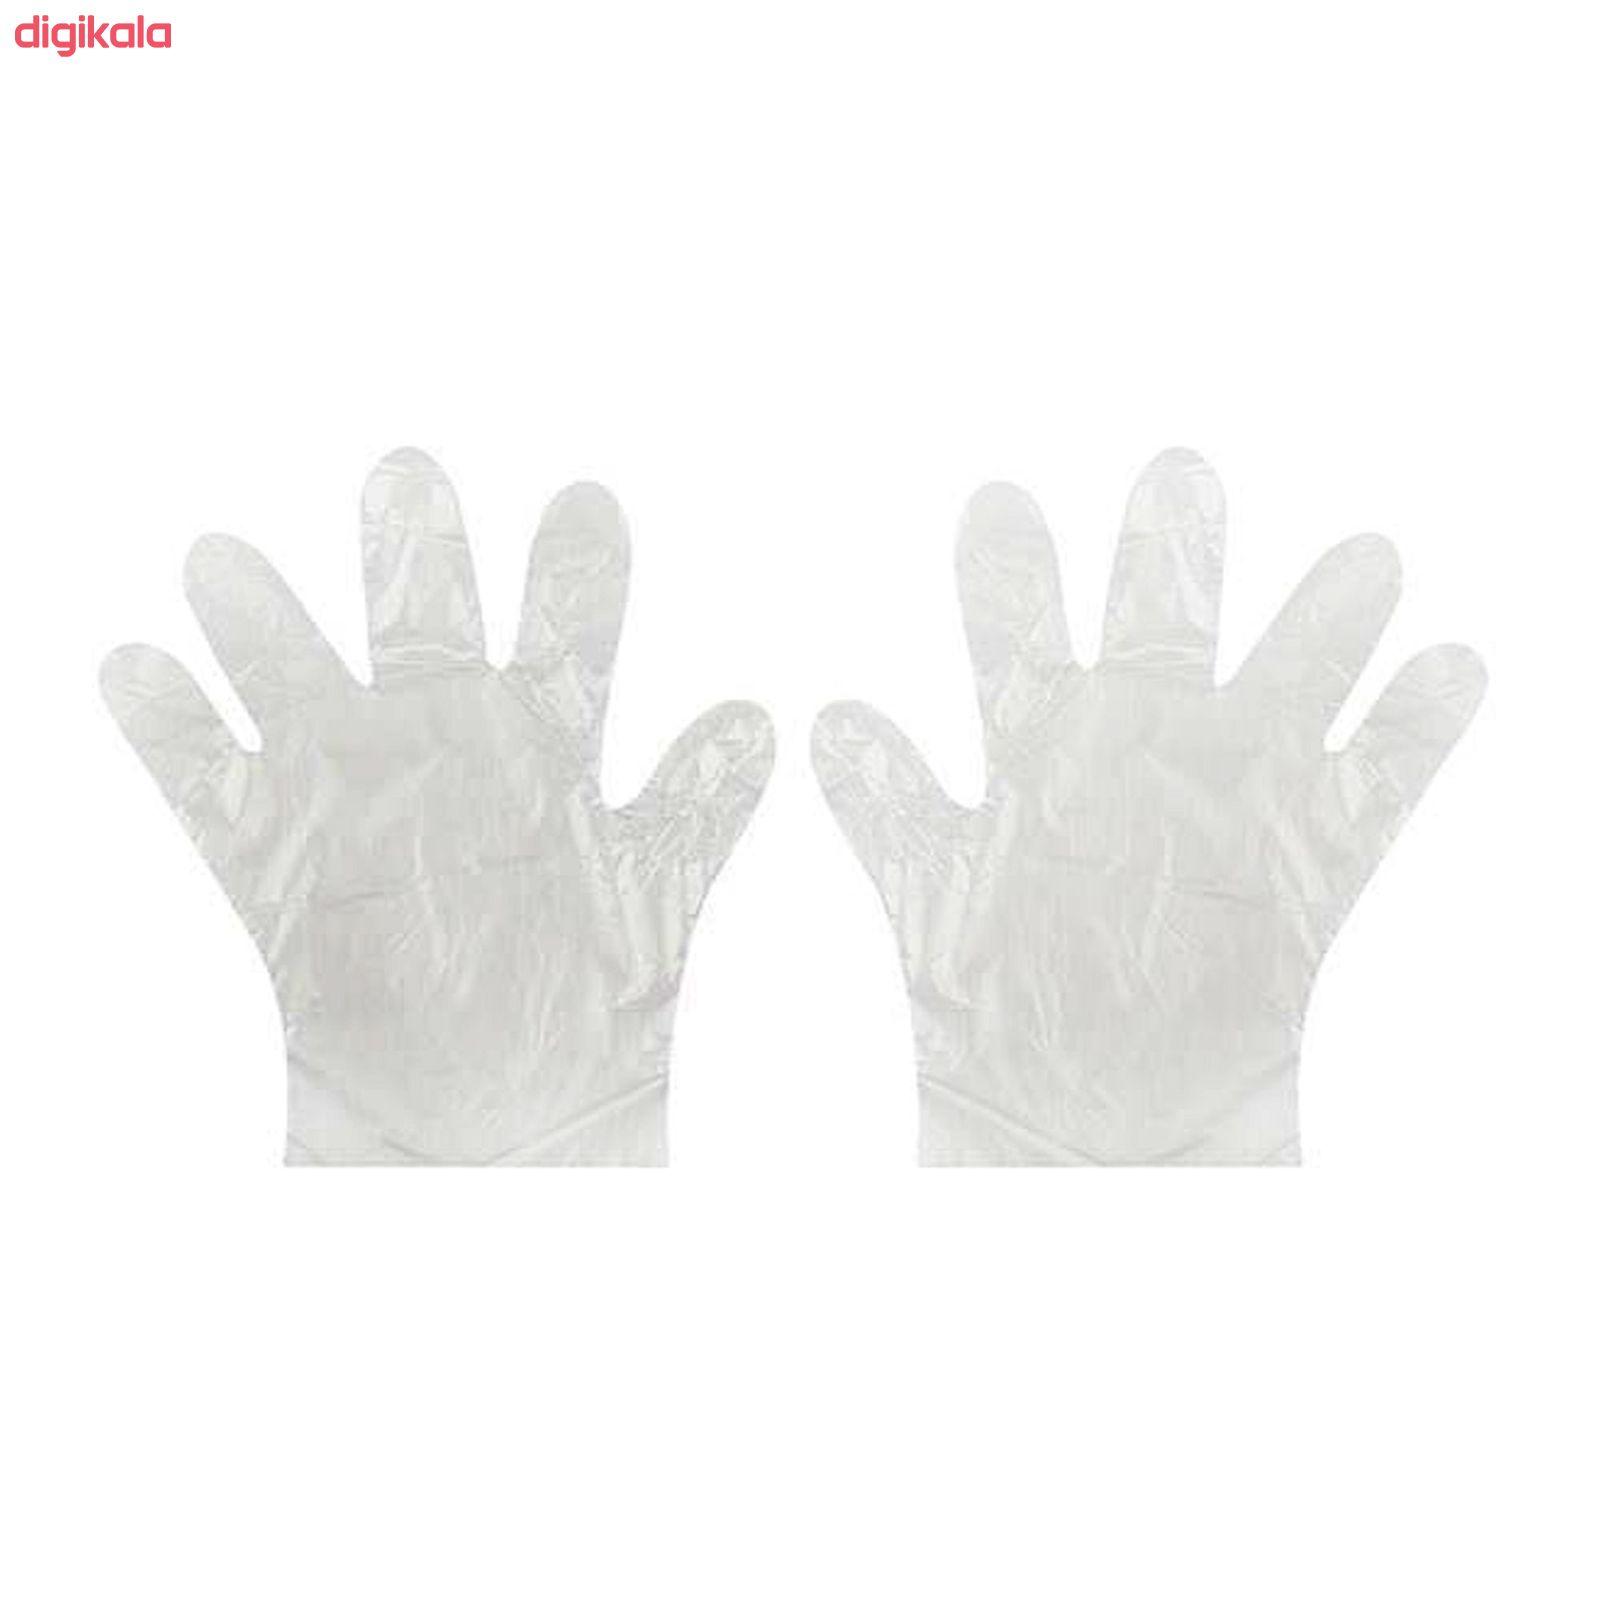 دستکش یکبار مصرف مدل 002 بسته 100 عددی main 1 1